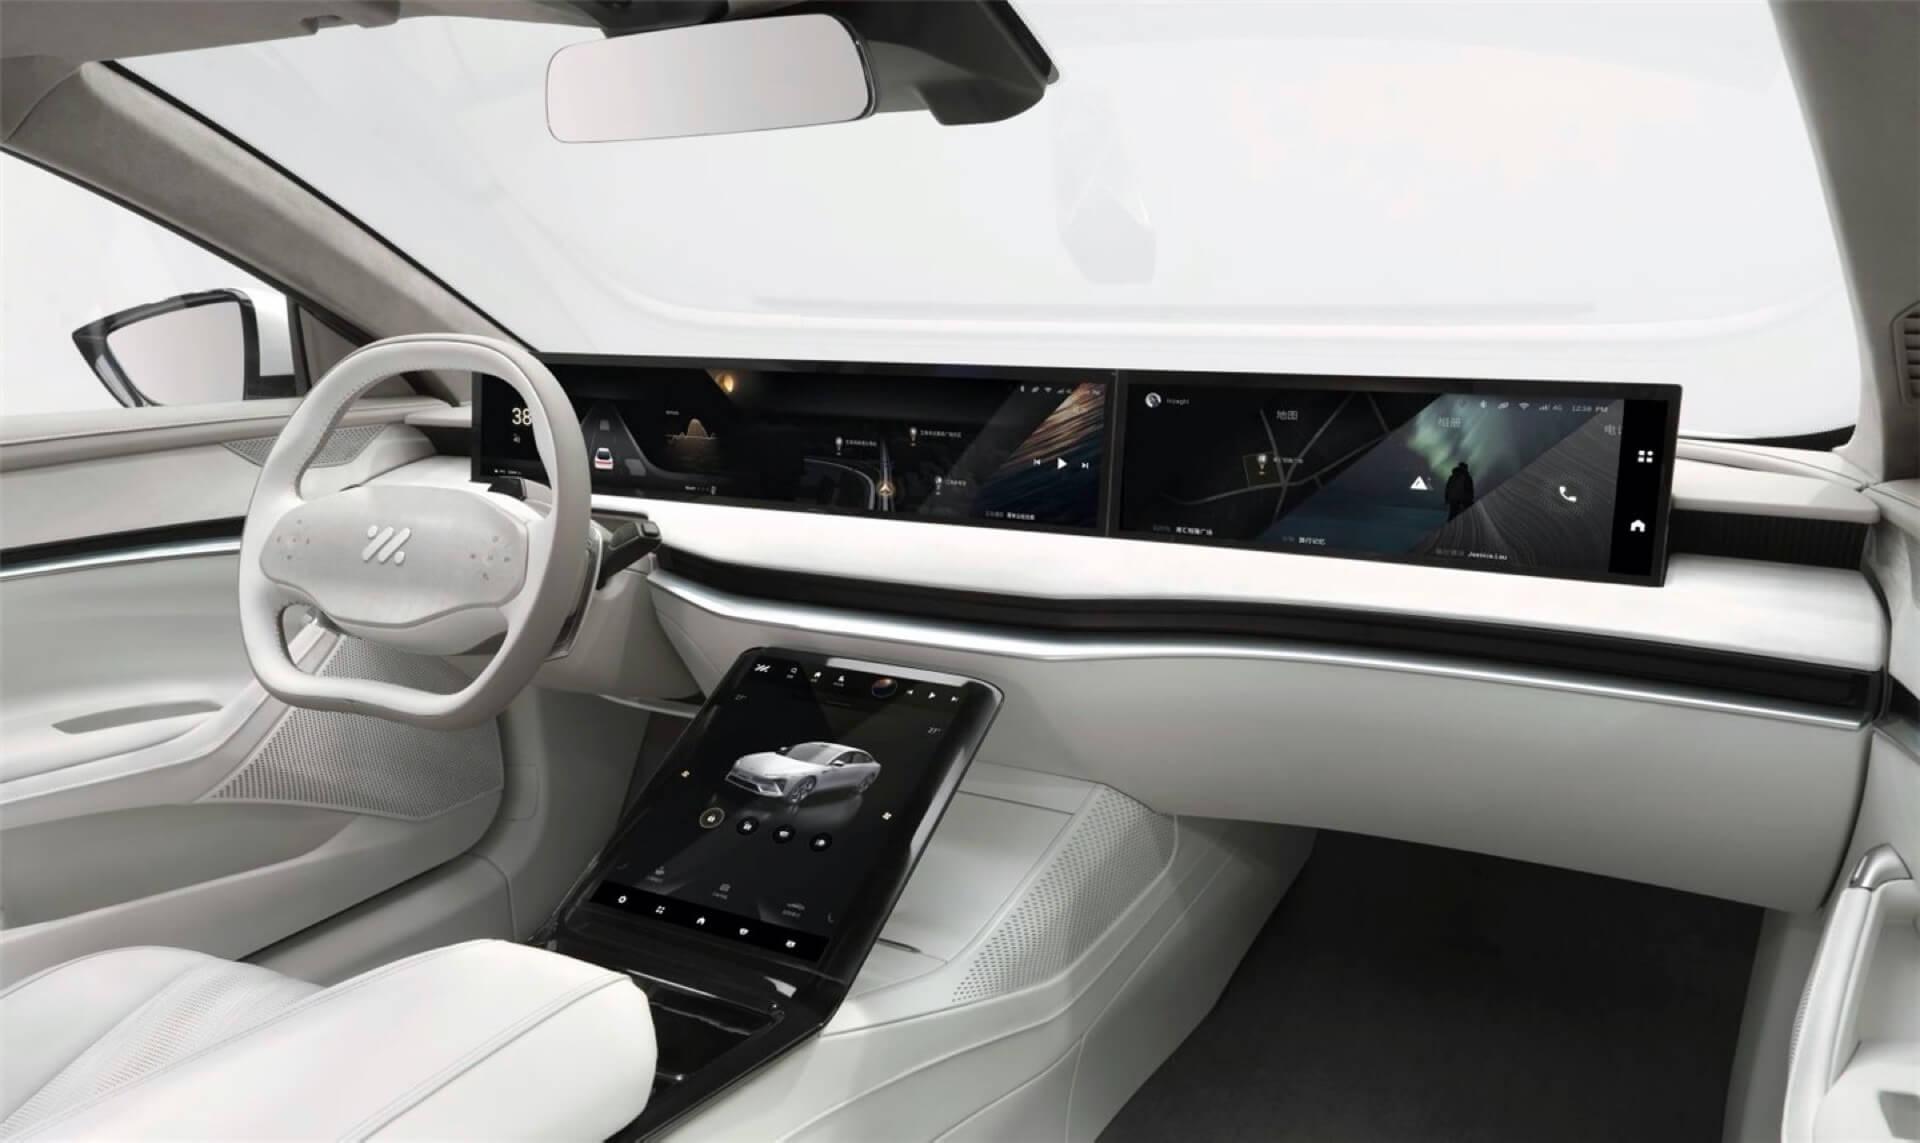 Электромобиль Zhiji L7 получил 39-дюймовый экран разрешением 4K по всей ширине приборной панели